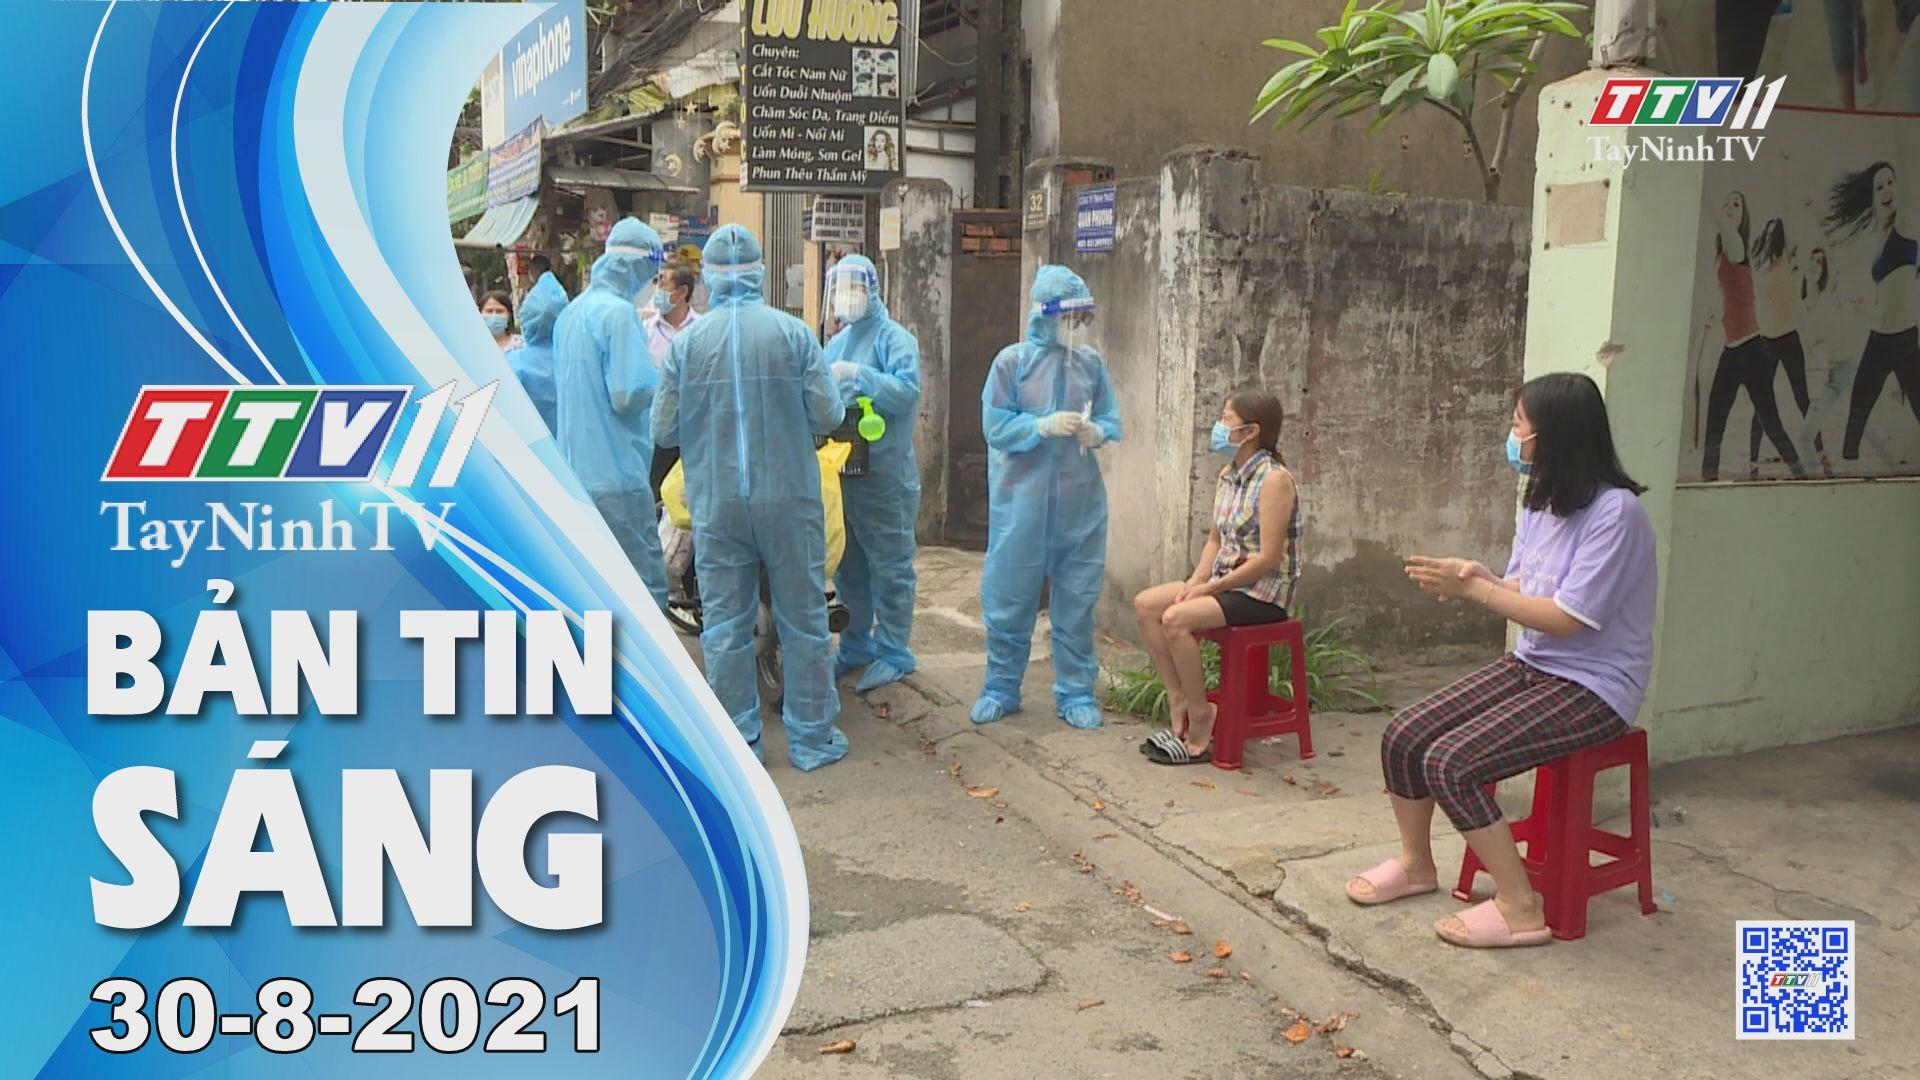 Bản tin sáng 30-8-2021 | Tin tức hôm nay | TayNinhTV